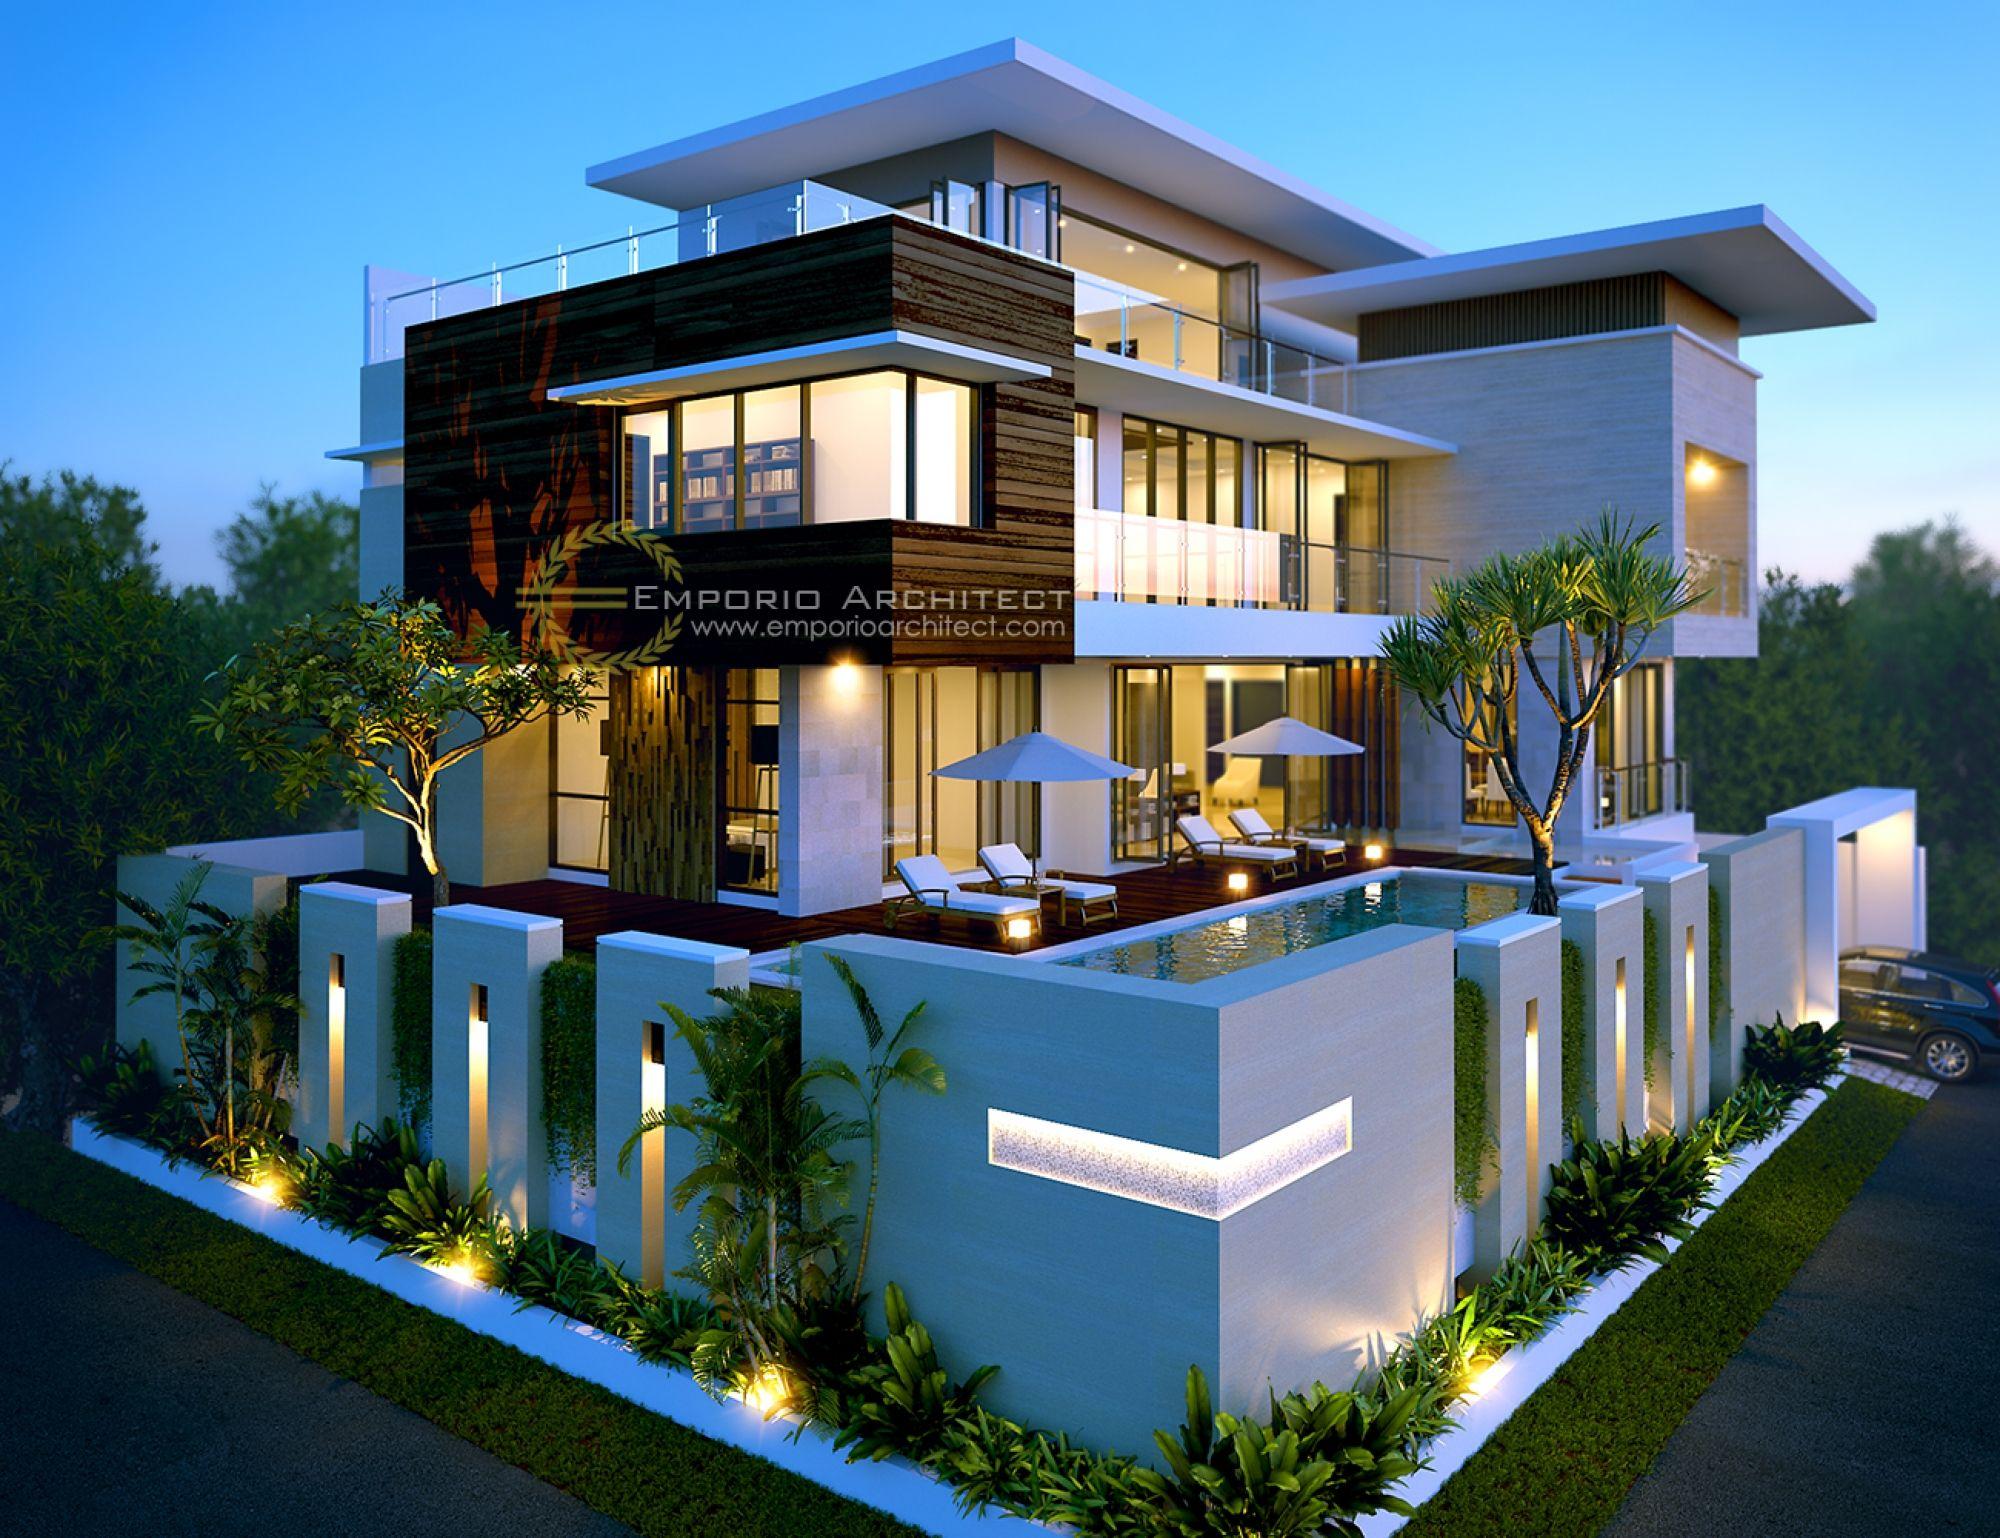 Jasa Arsitek Desain Rumah Bapak Alex Desain Rumah Bungalow Desain Rumah Eksterior Rumah Modern